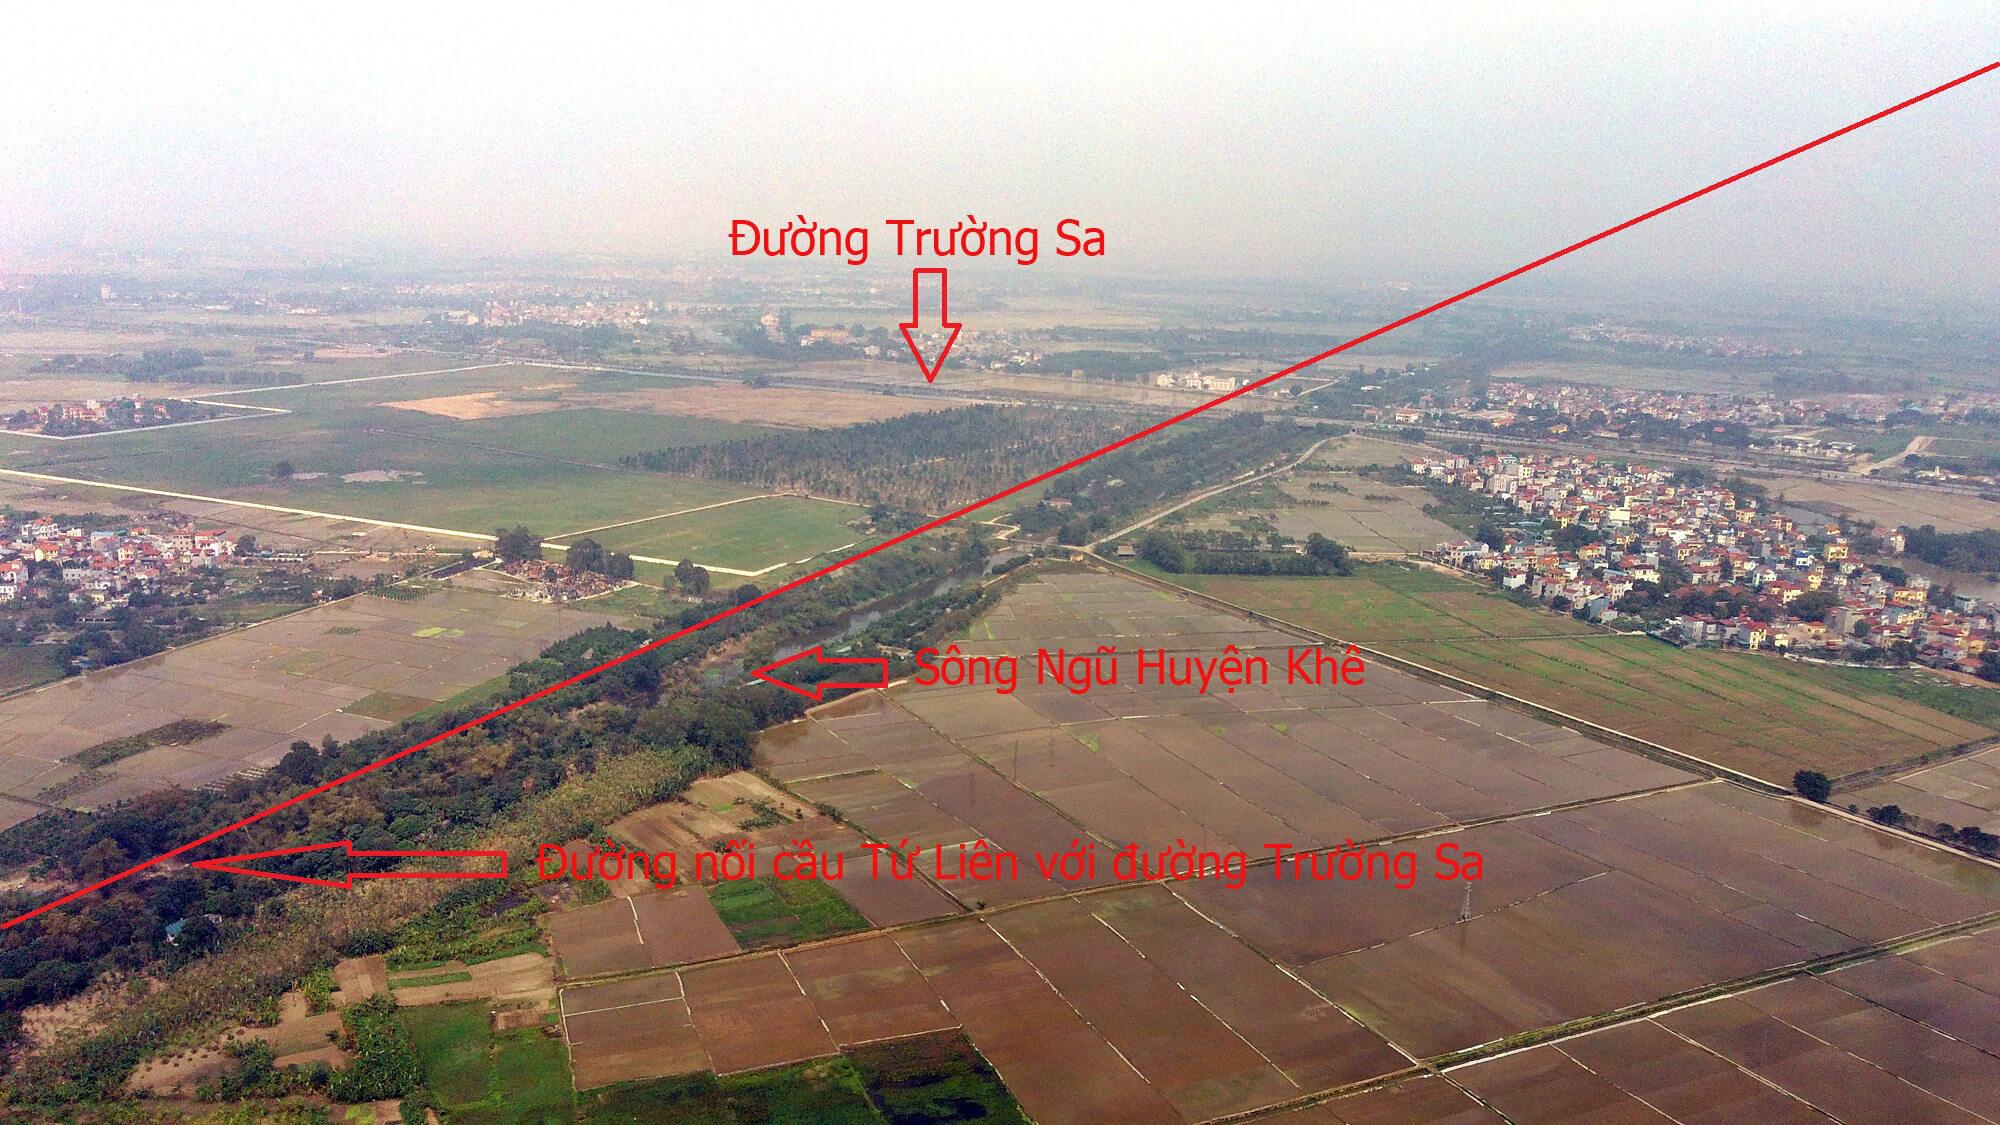 Đường dẫn của cầu Tứ Liên chạy thẳng đến cao tốc Hà Nội - Thái Nguyên và cắt ngang đường Trường Sa.